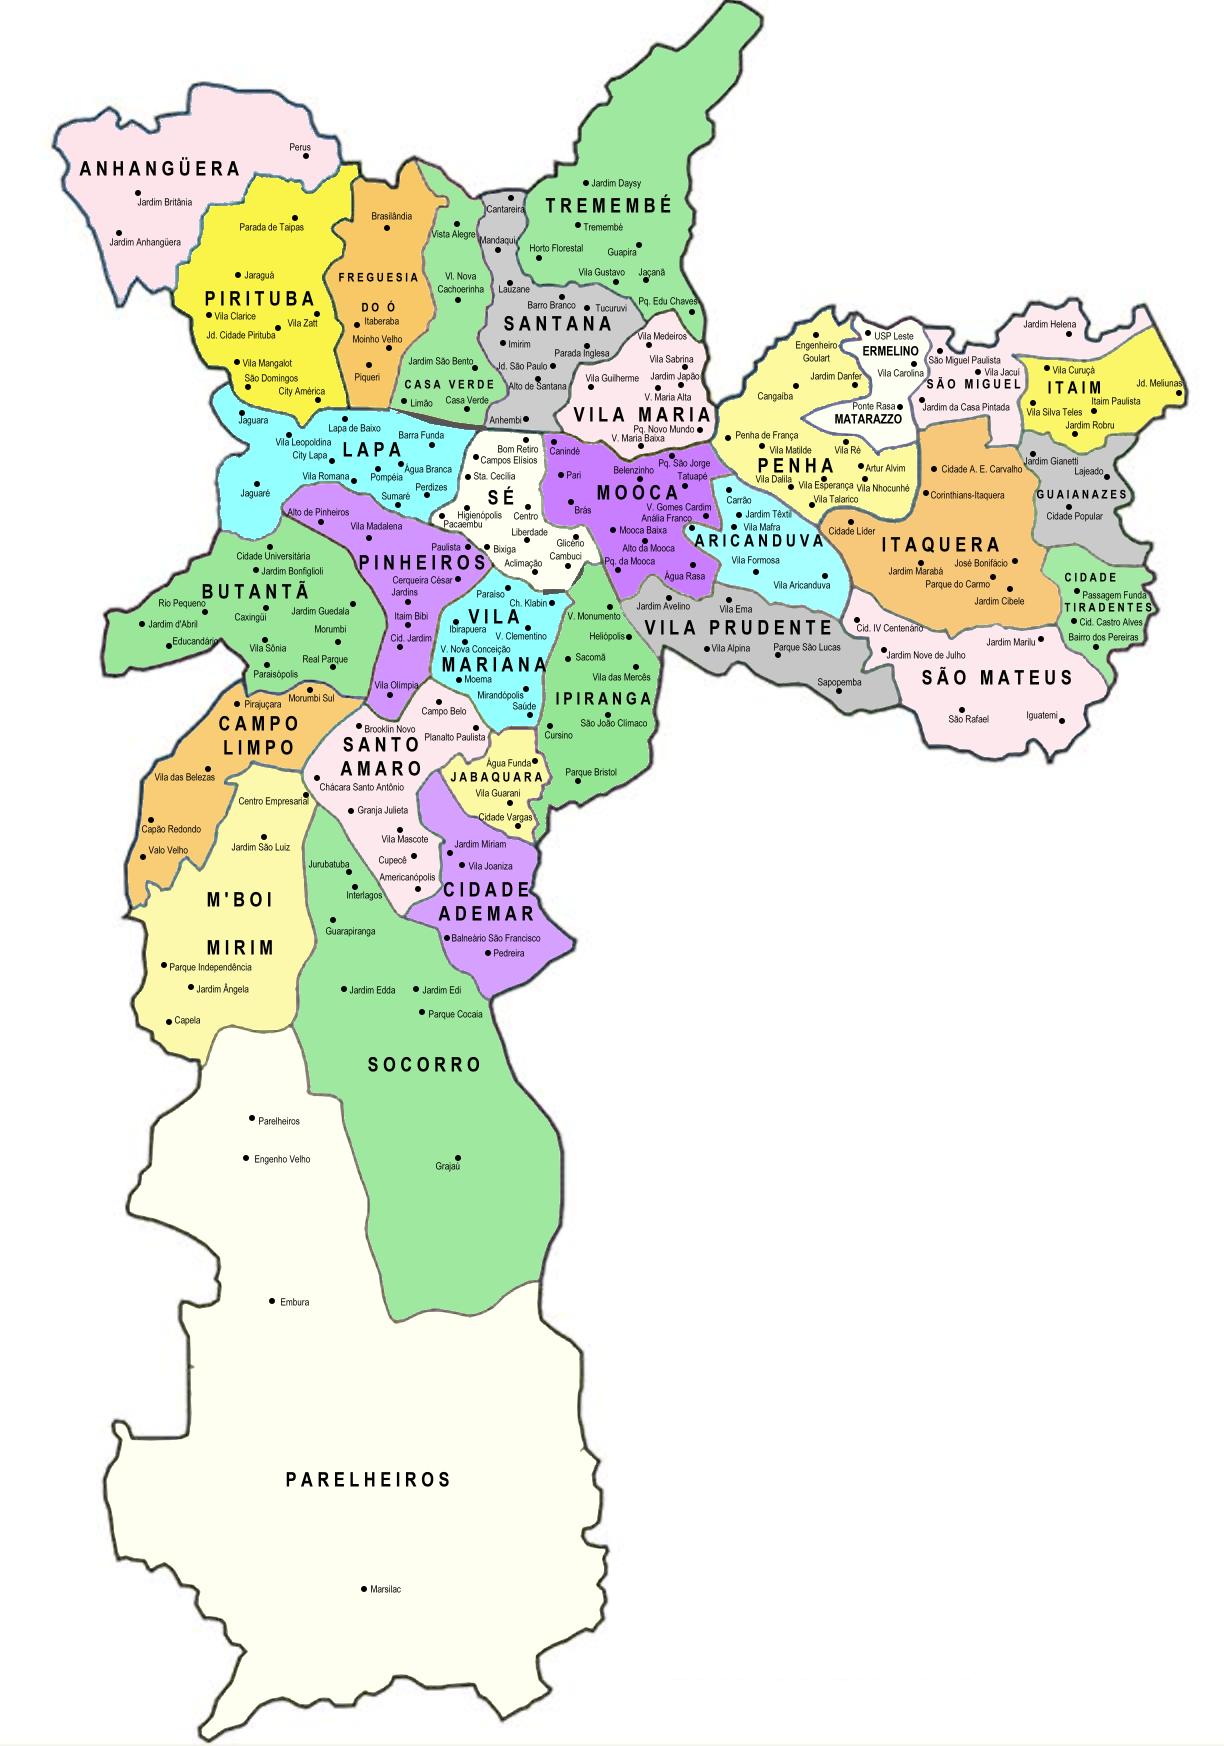 Hamburgueria Artesanal Zona Norte Sp ~ Divis u00e3o territorial e administrativa da cidade de S u00e3o Paulo u2013 Wikipédia, a enciclopédia livre